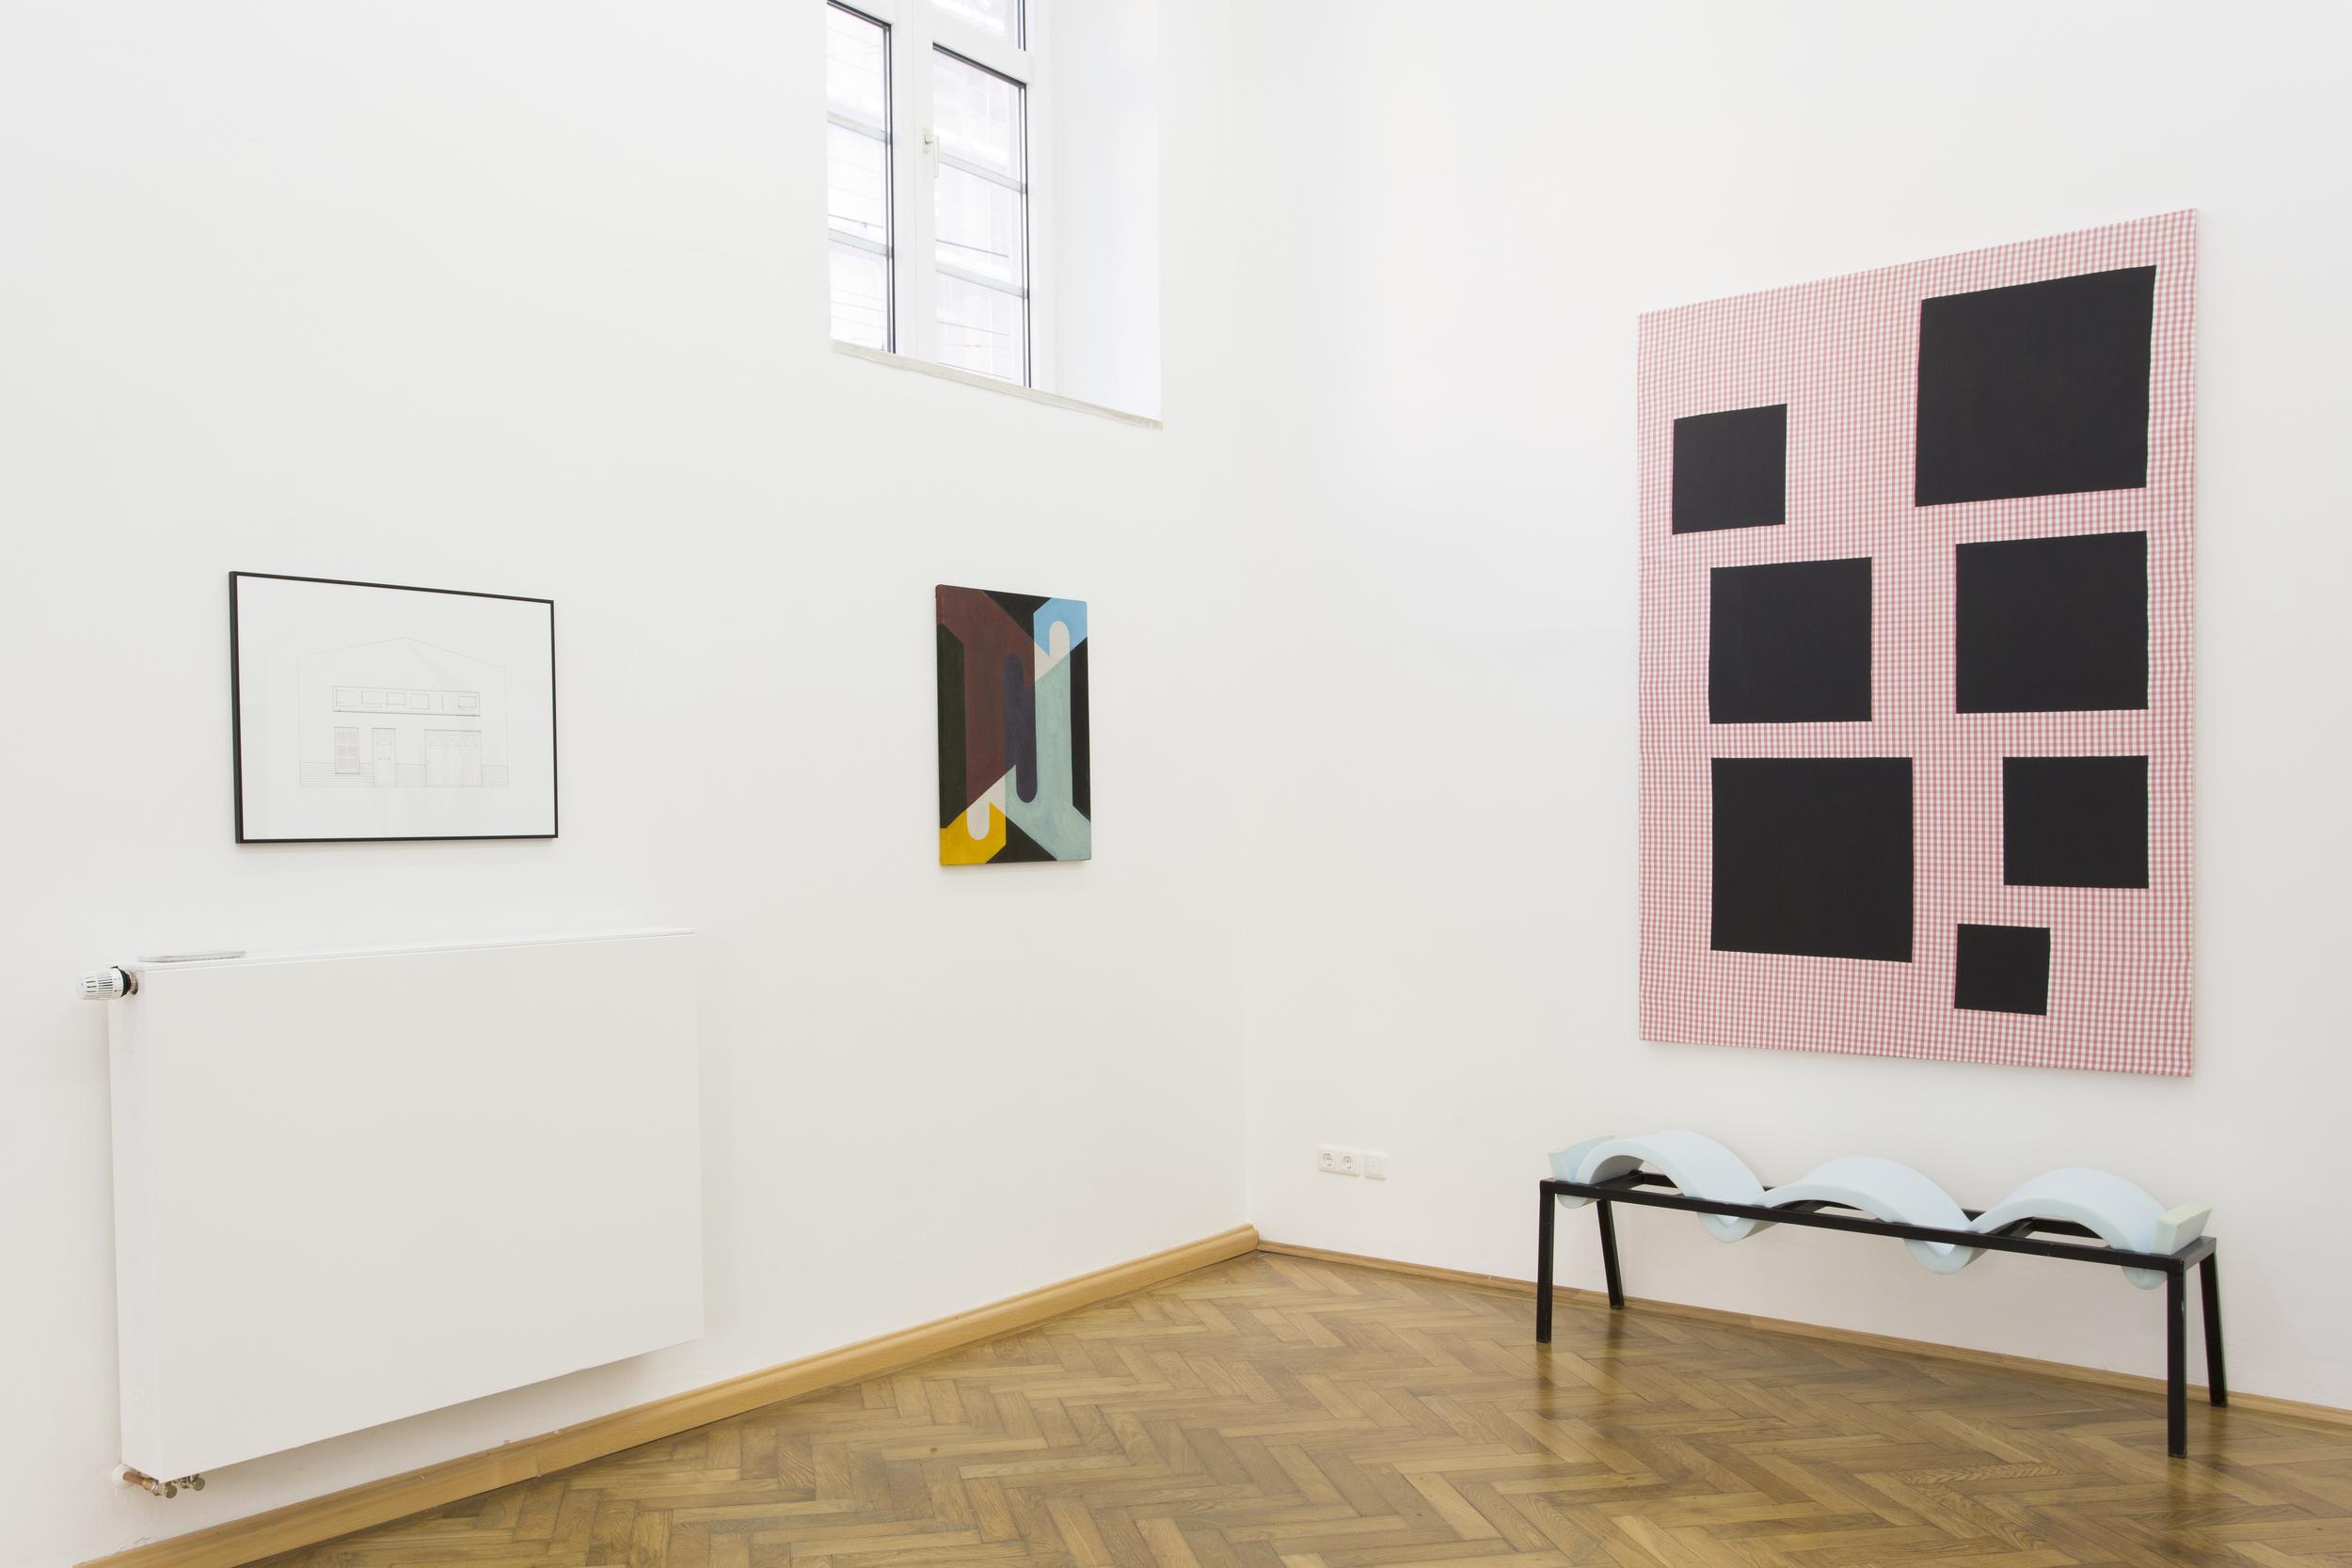 Elvire Bonduelle - waiting room #4 - installation view (Elvire Bonduelle, Émile Vappereau, Nicholas Chardon)